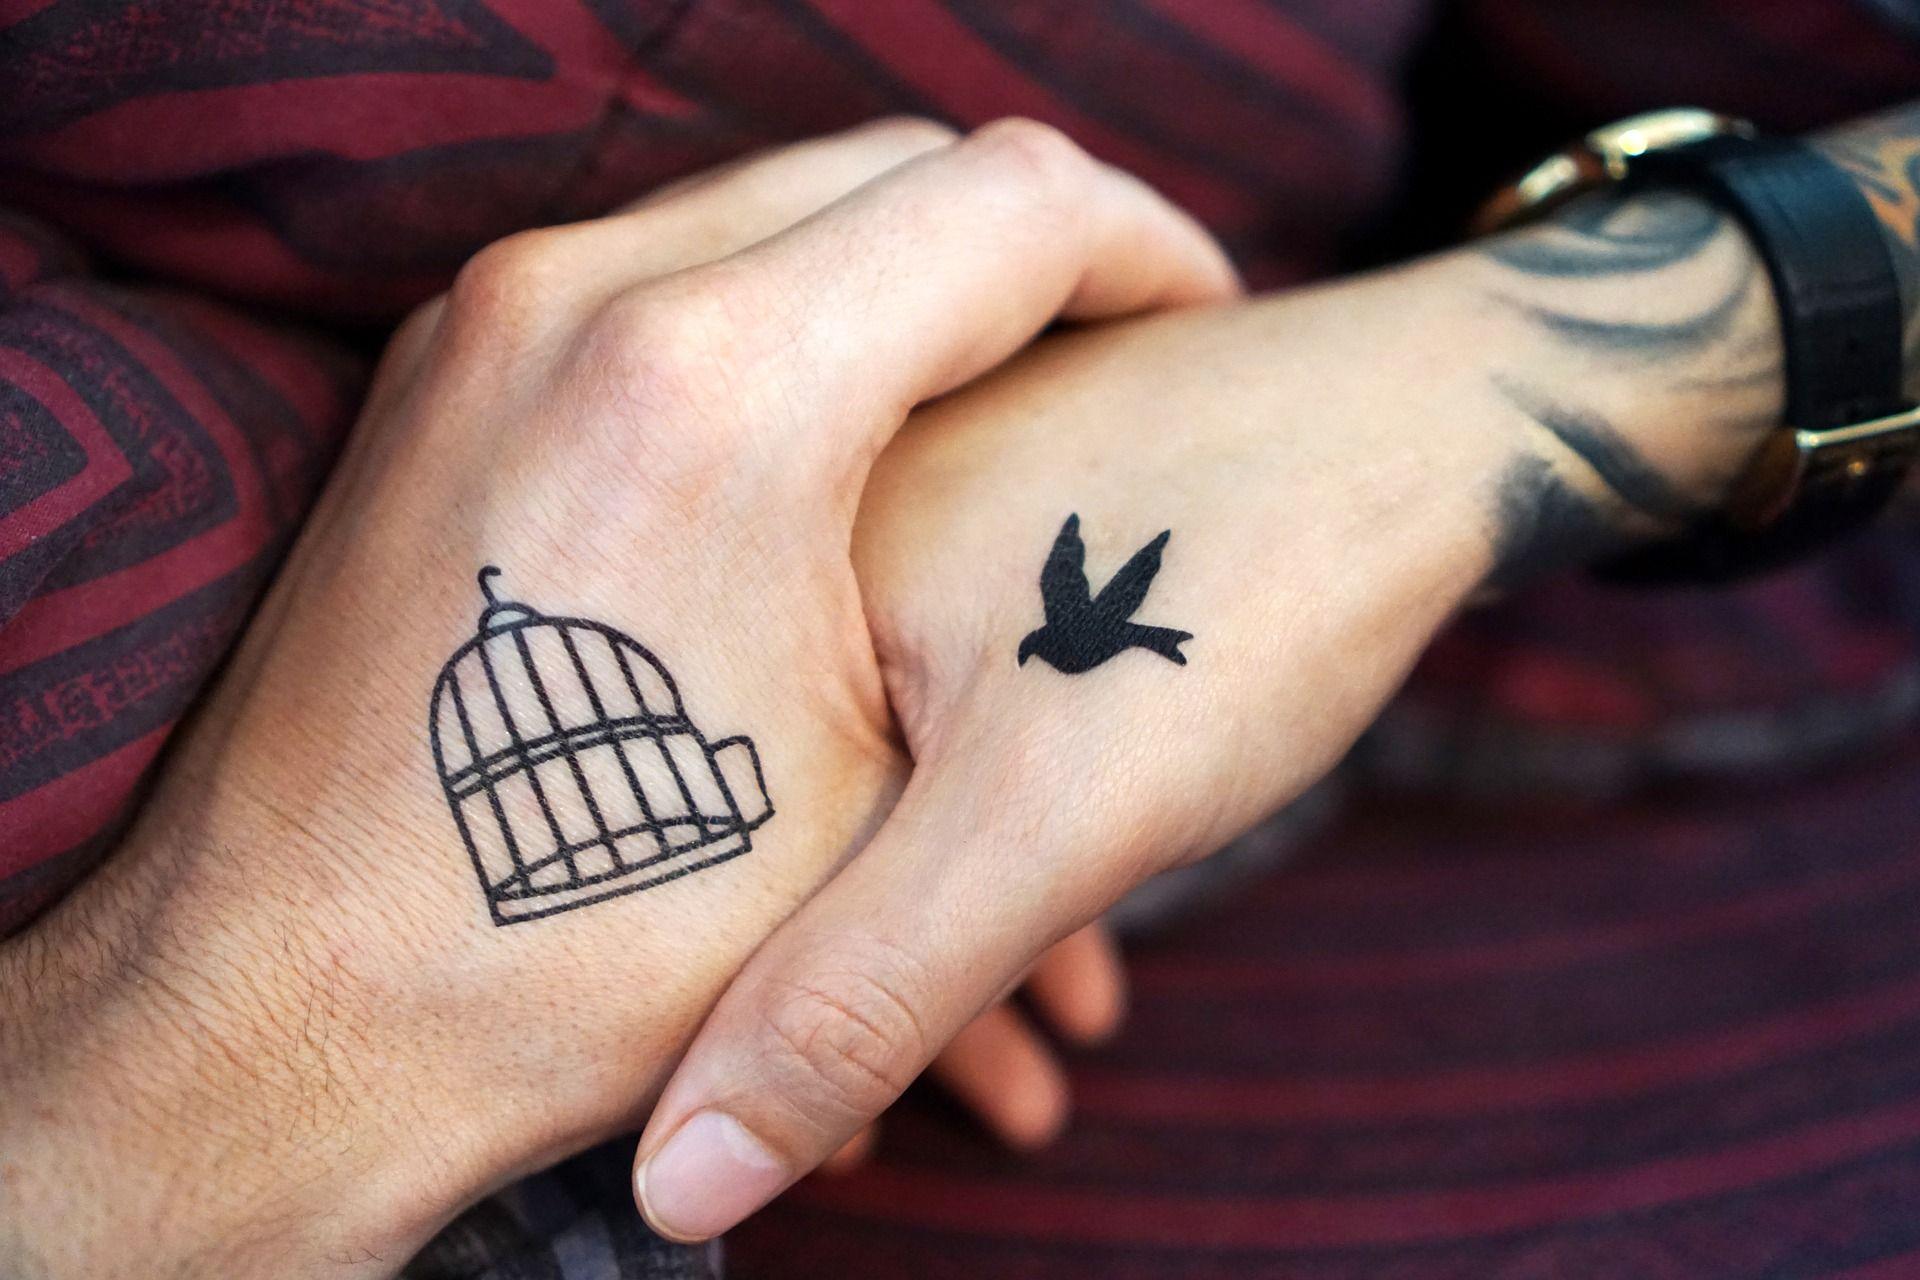 Eliminación De Tatuajes Y Piercing Servicios De Centro De Estética